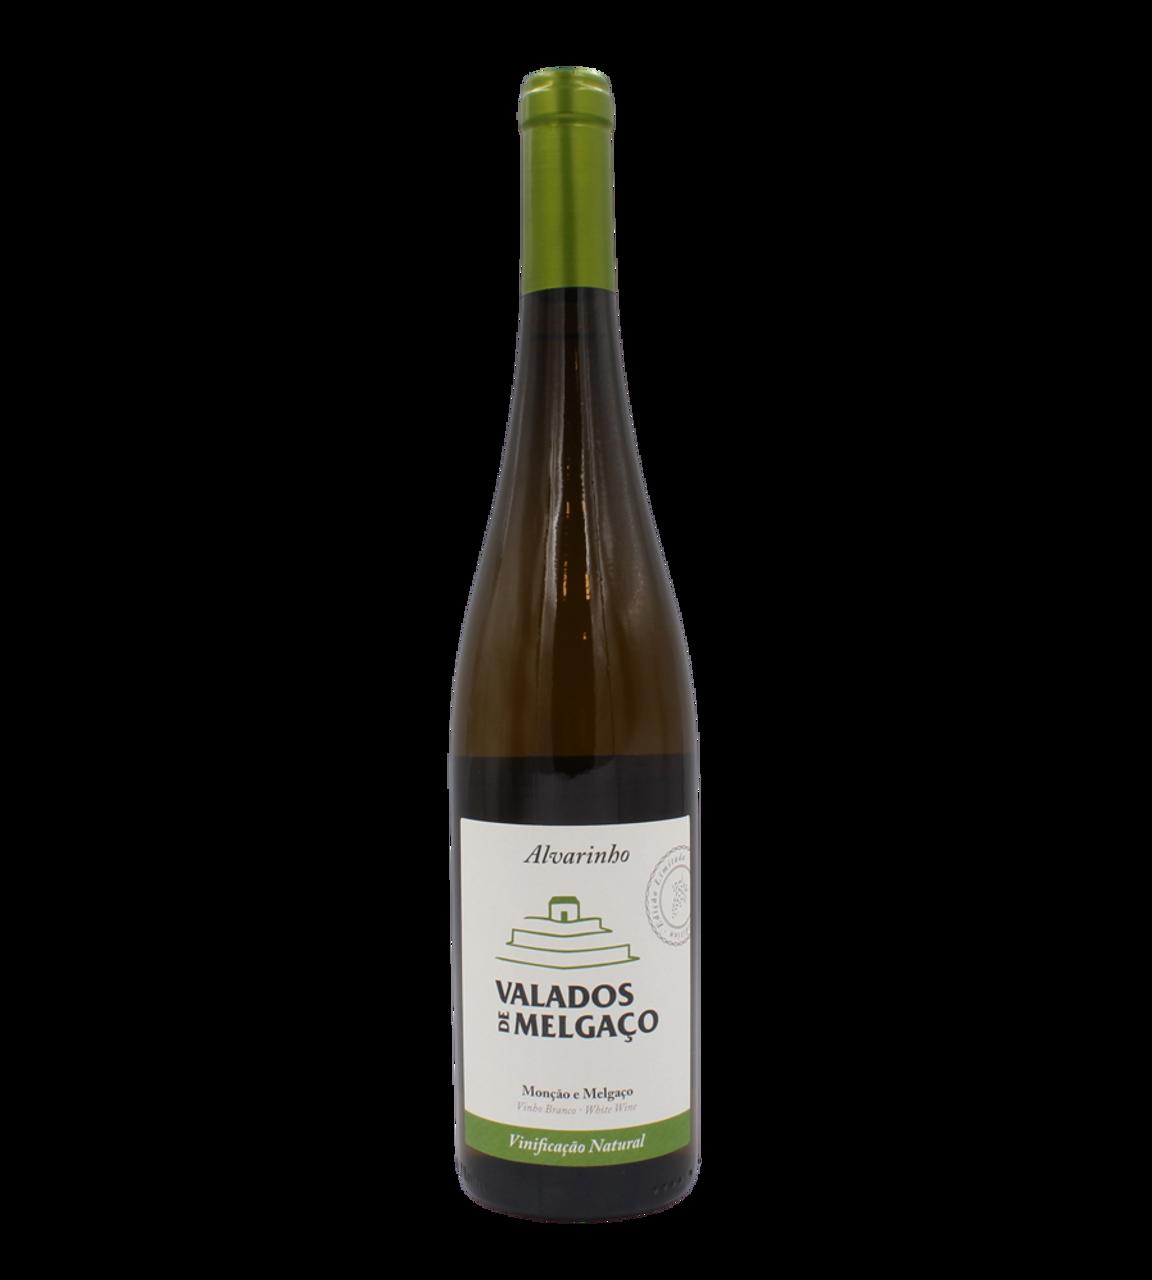 Valados de Melgaço Alvarinho Vinificação Natural 2016